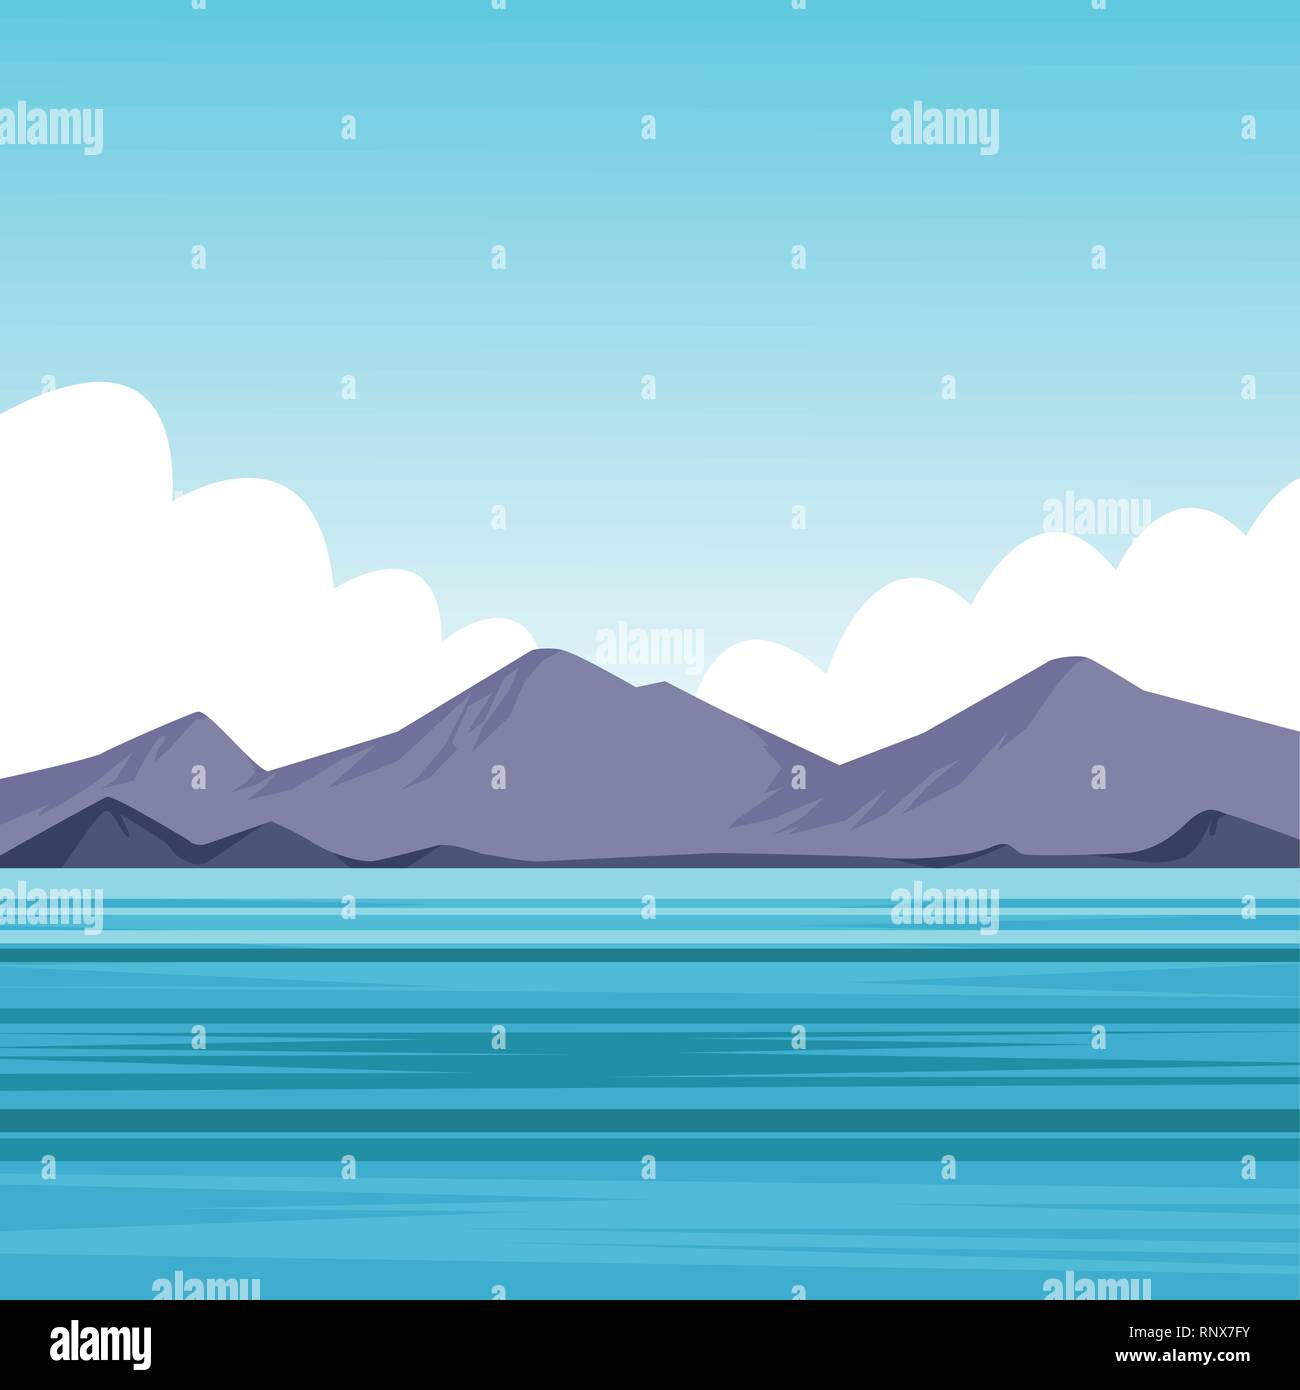 flat sea landscape cartoon - Stock Image